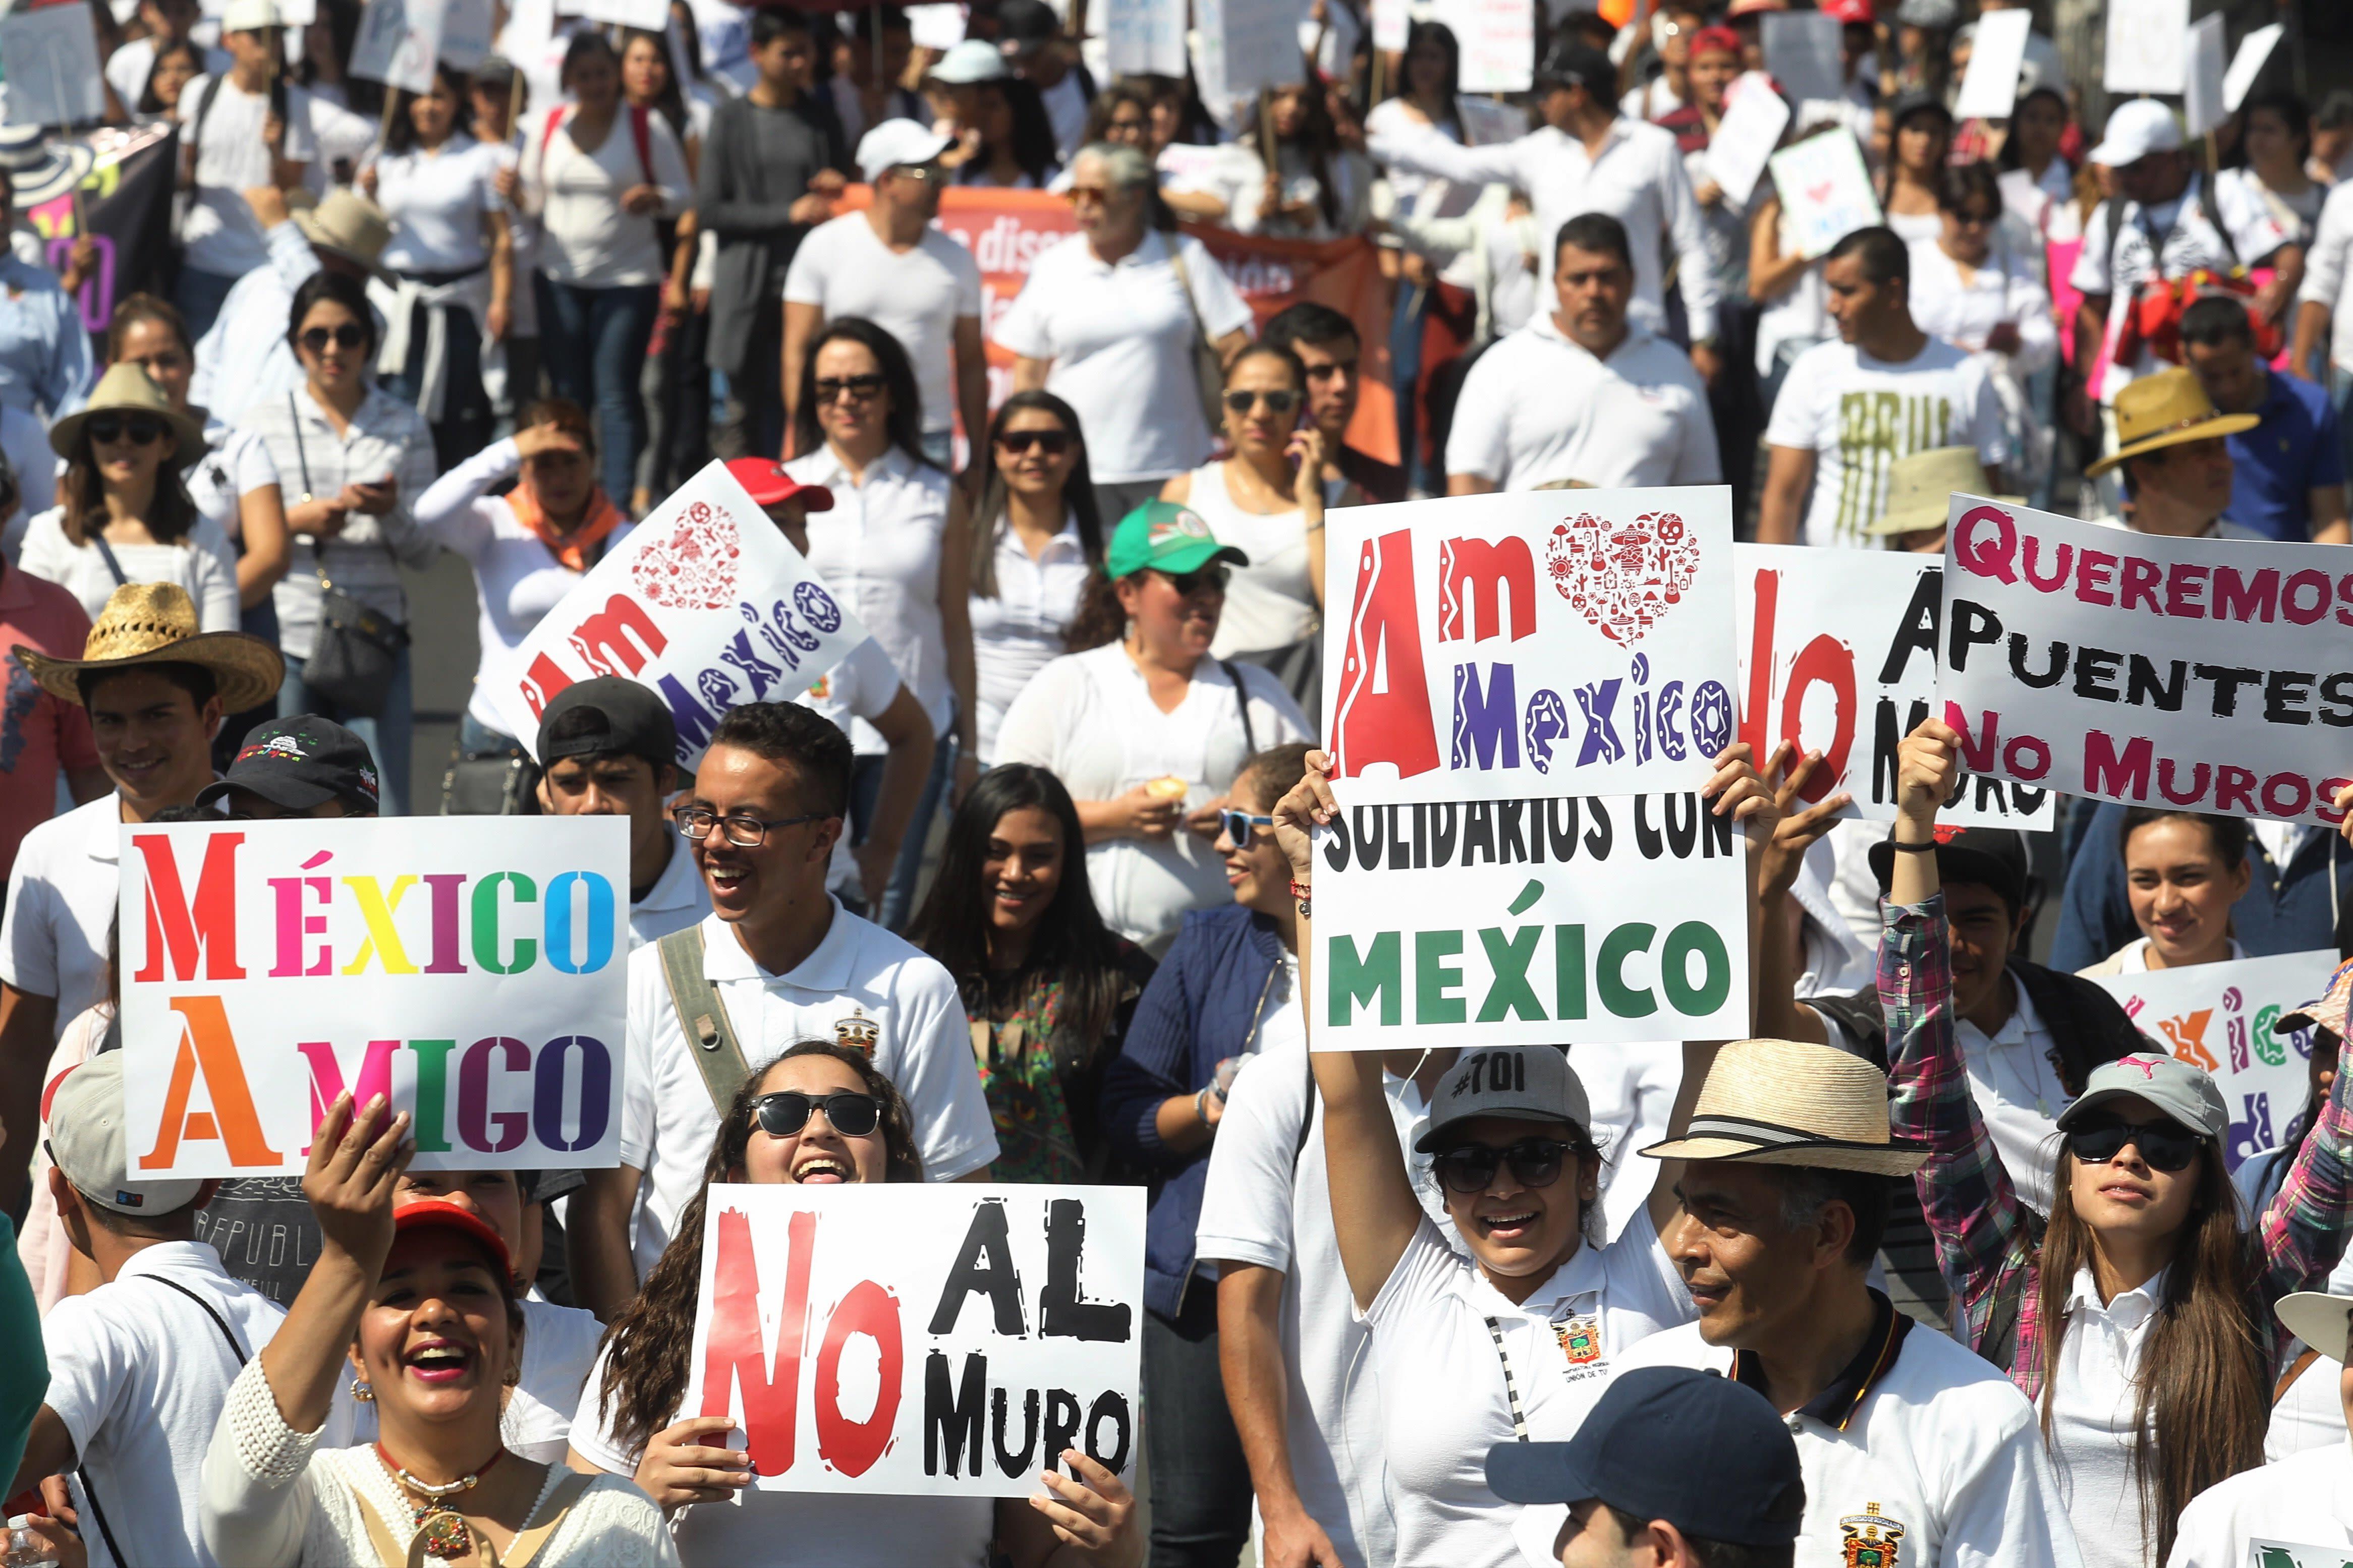 Miles de mexicanos marchan por la unidad nacional ante ataques de Trump